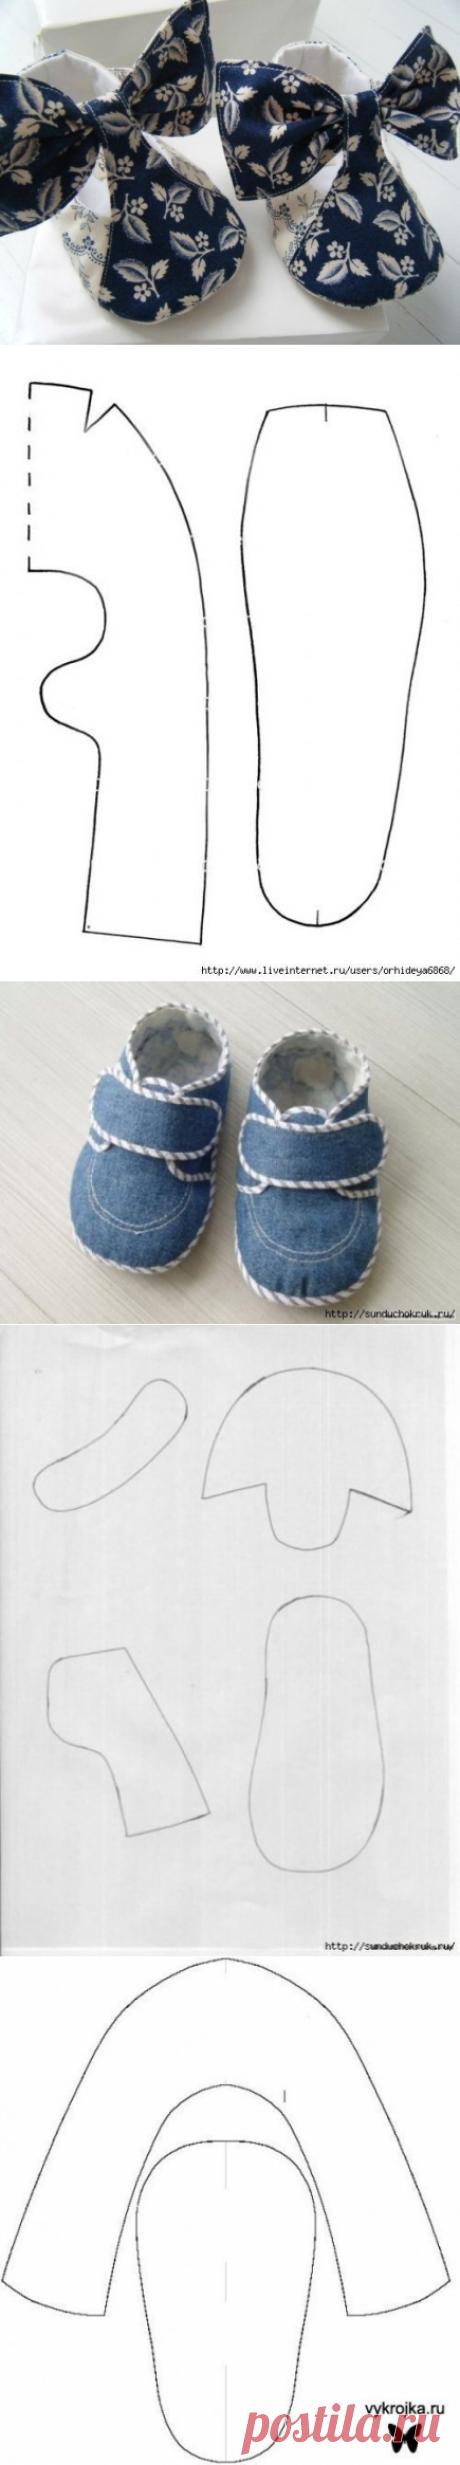 Детские туфельки. Идеи и выкройки.